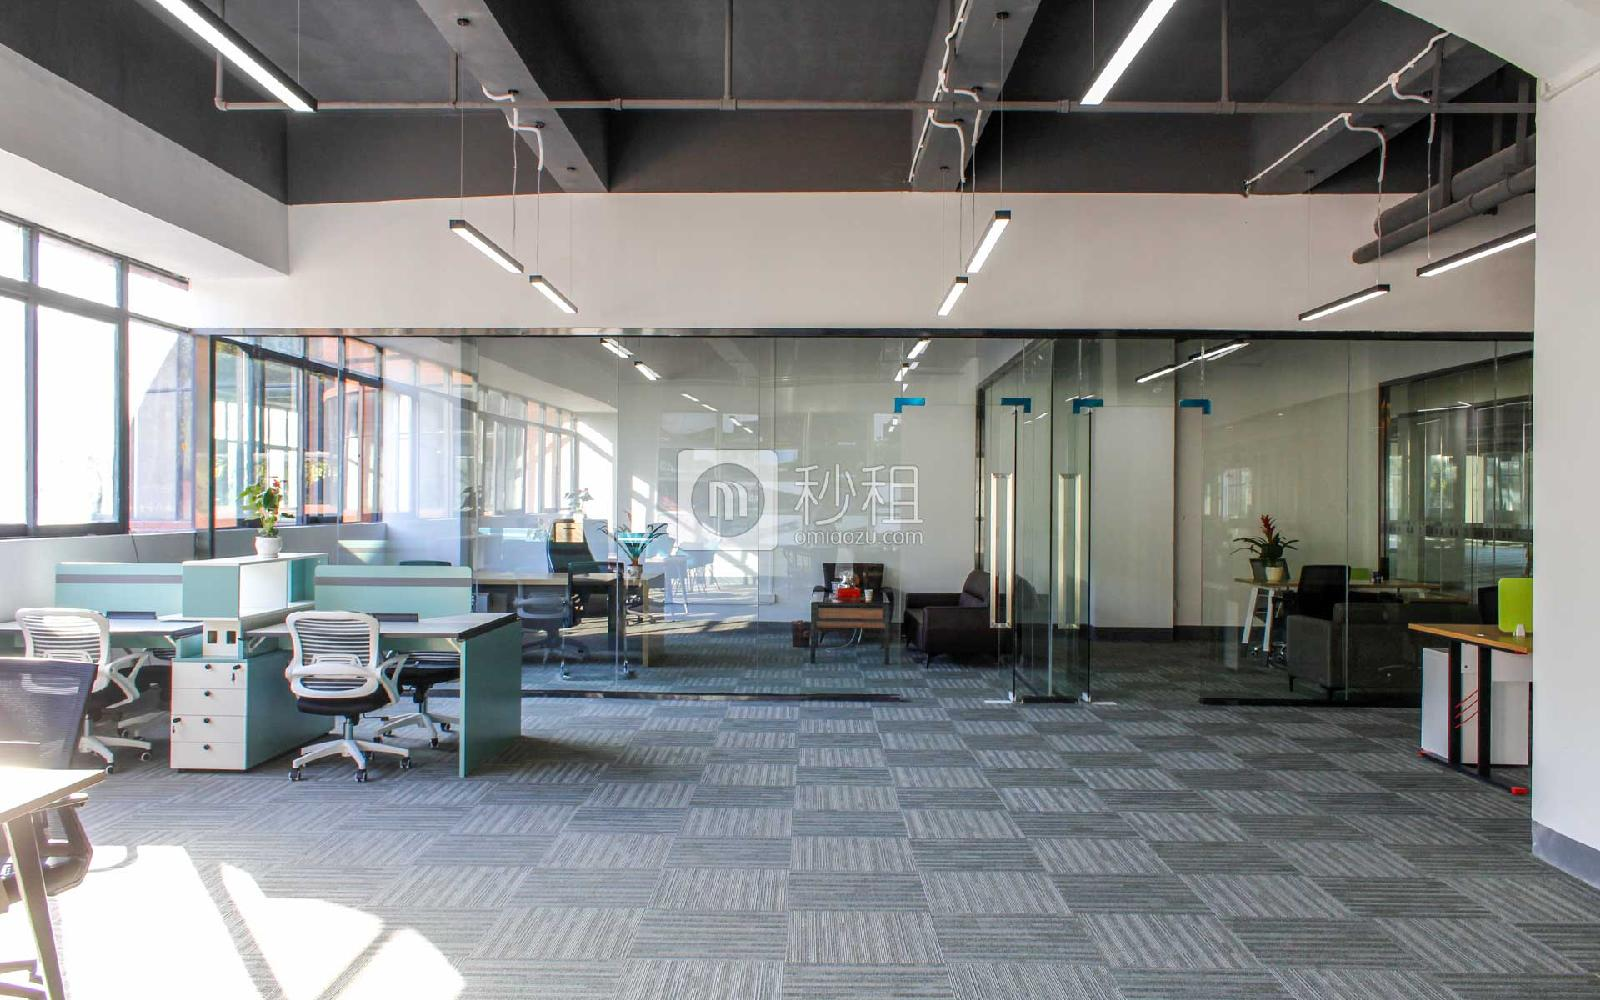 泉森.红木棉创意园写字楼出租350平米简装办公室50元/m².月